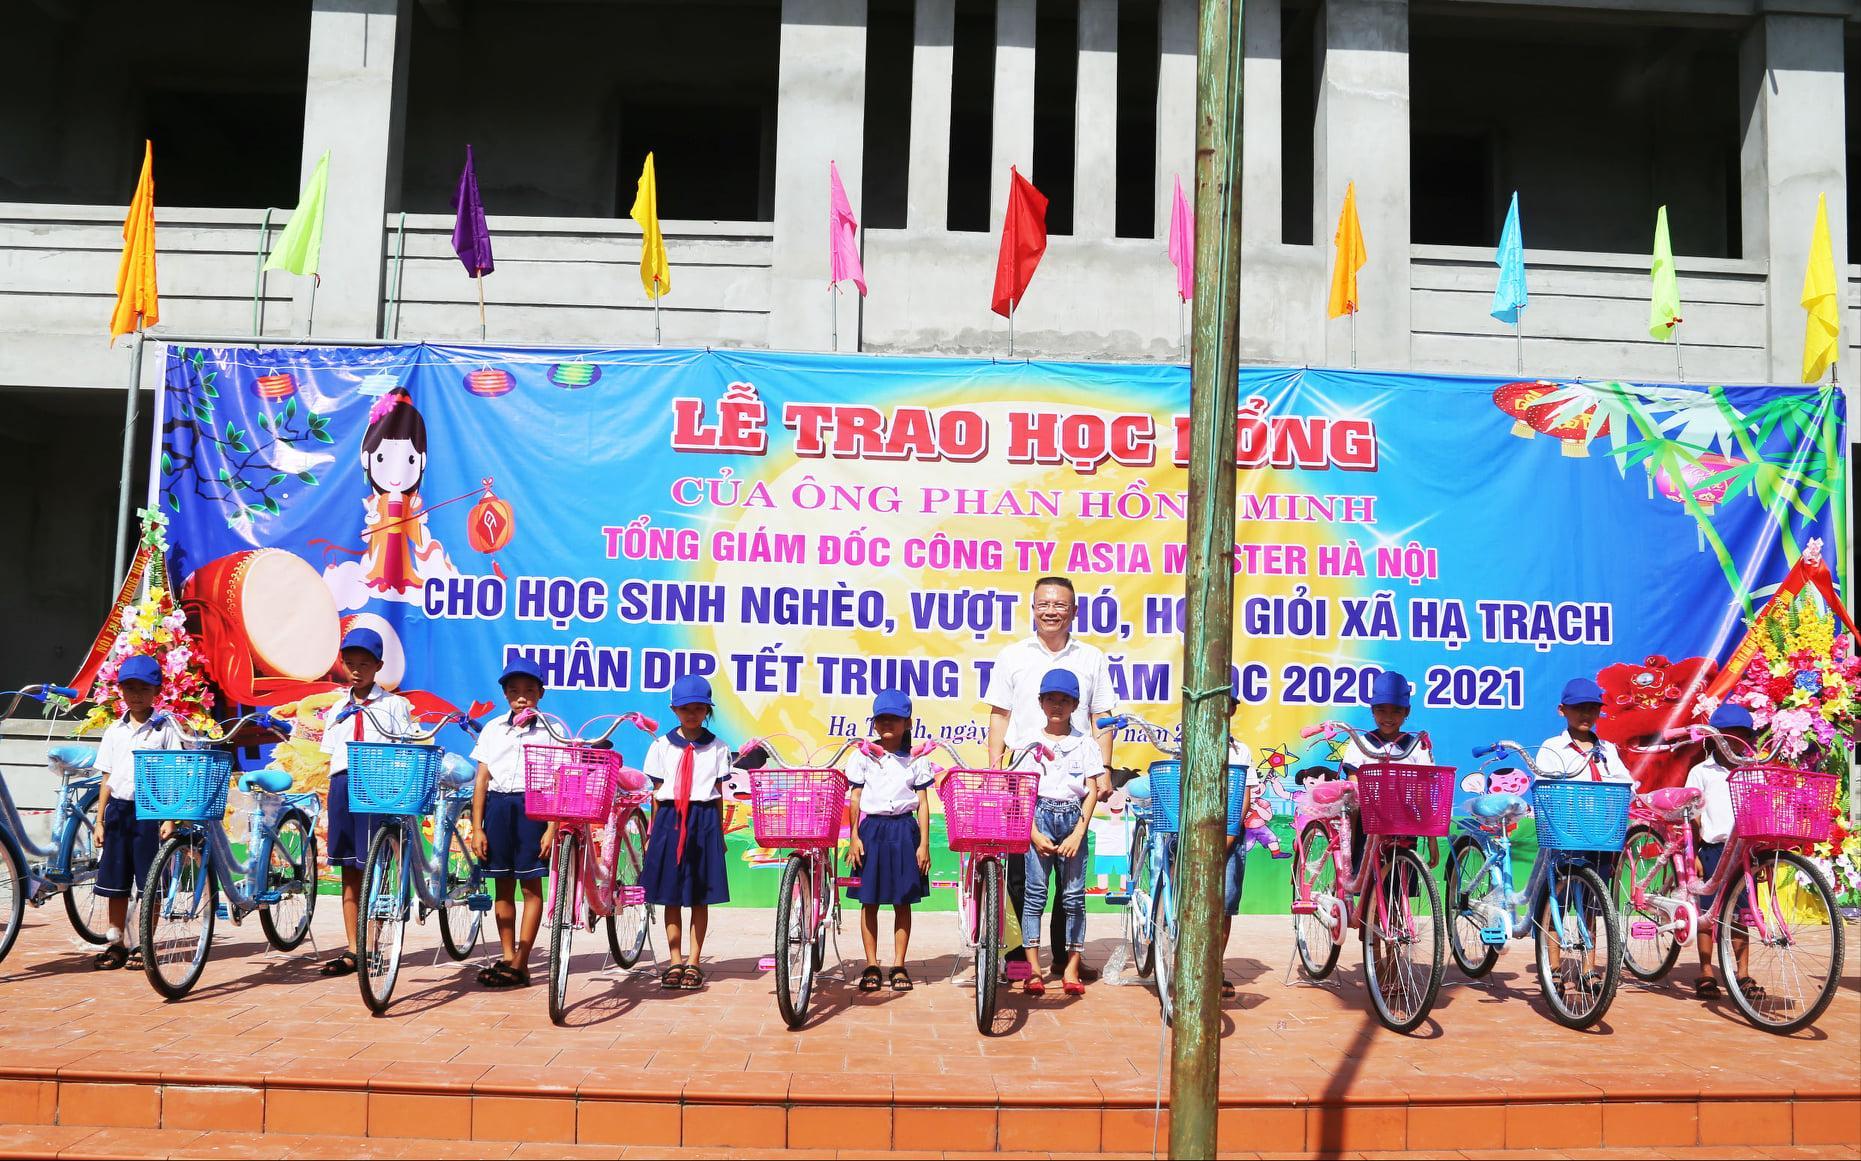 Tặng xe đạp và quà cho học sinh nghèo Hạ Trạch